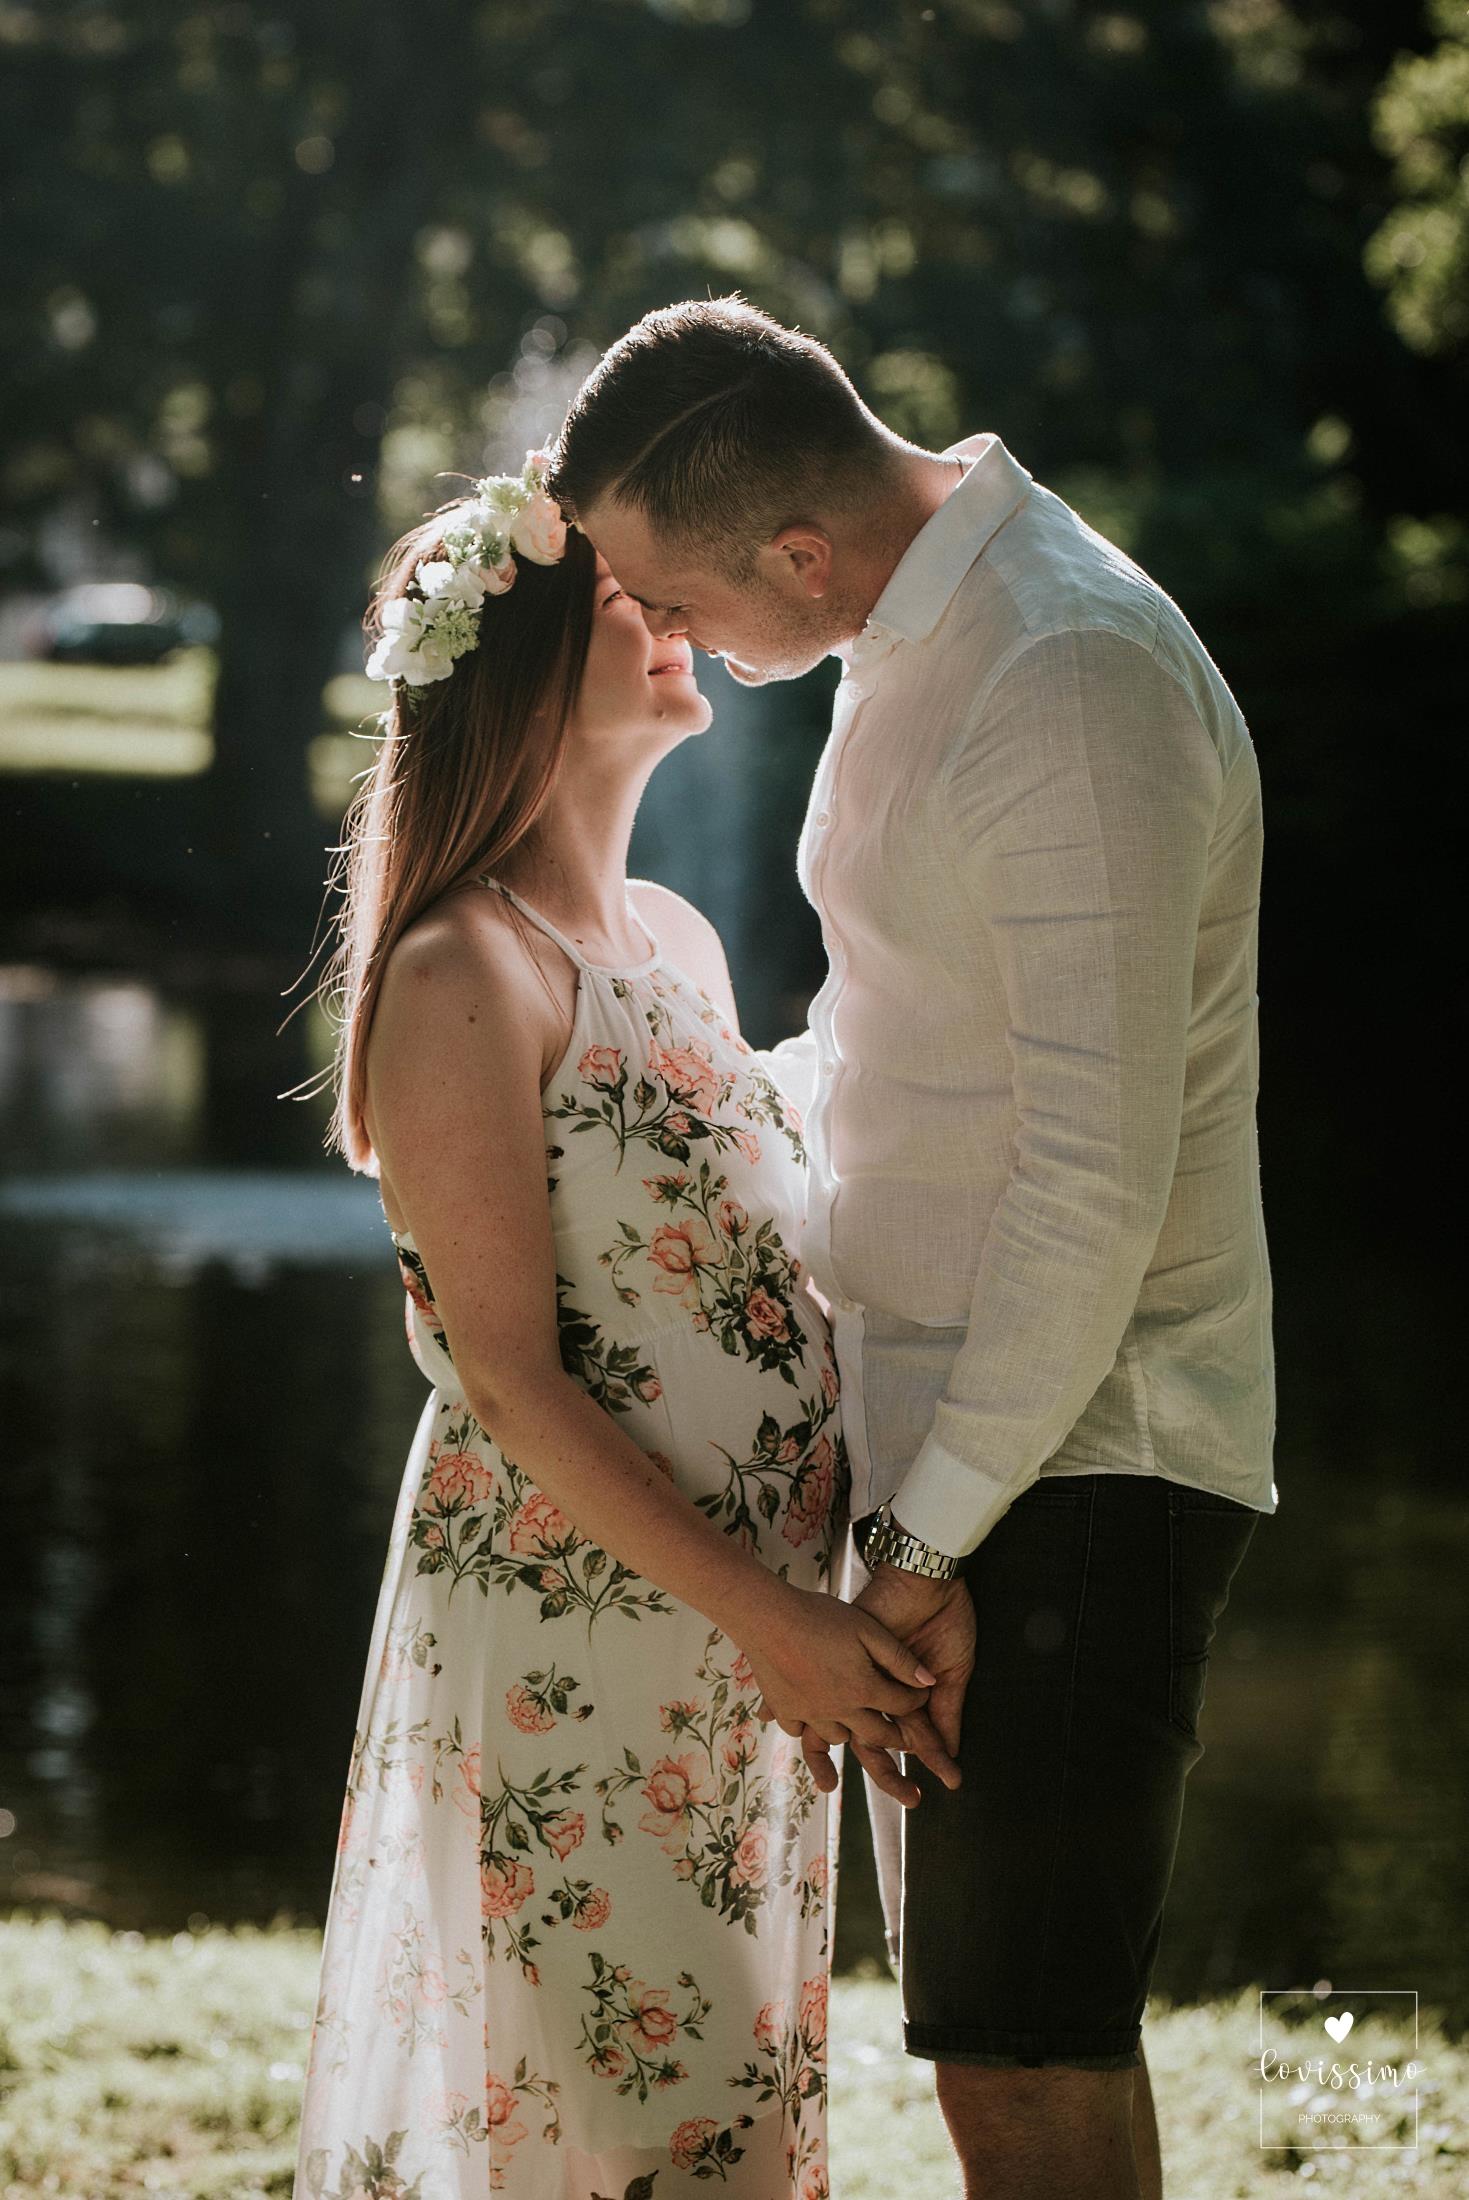 Sesja ciążowa Gosi i Miłosza w Rzeszowie. Zdjęcia ciążowe Jarosław, Dębica